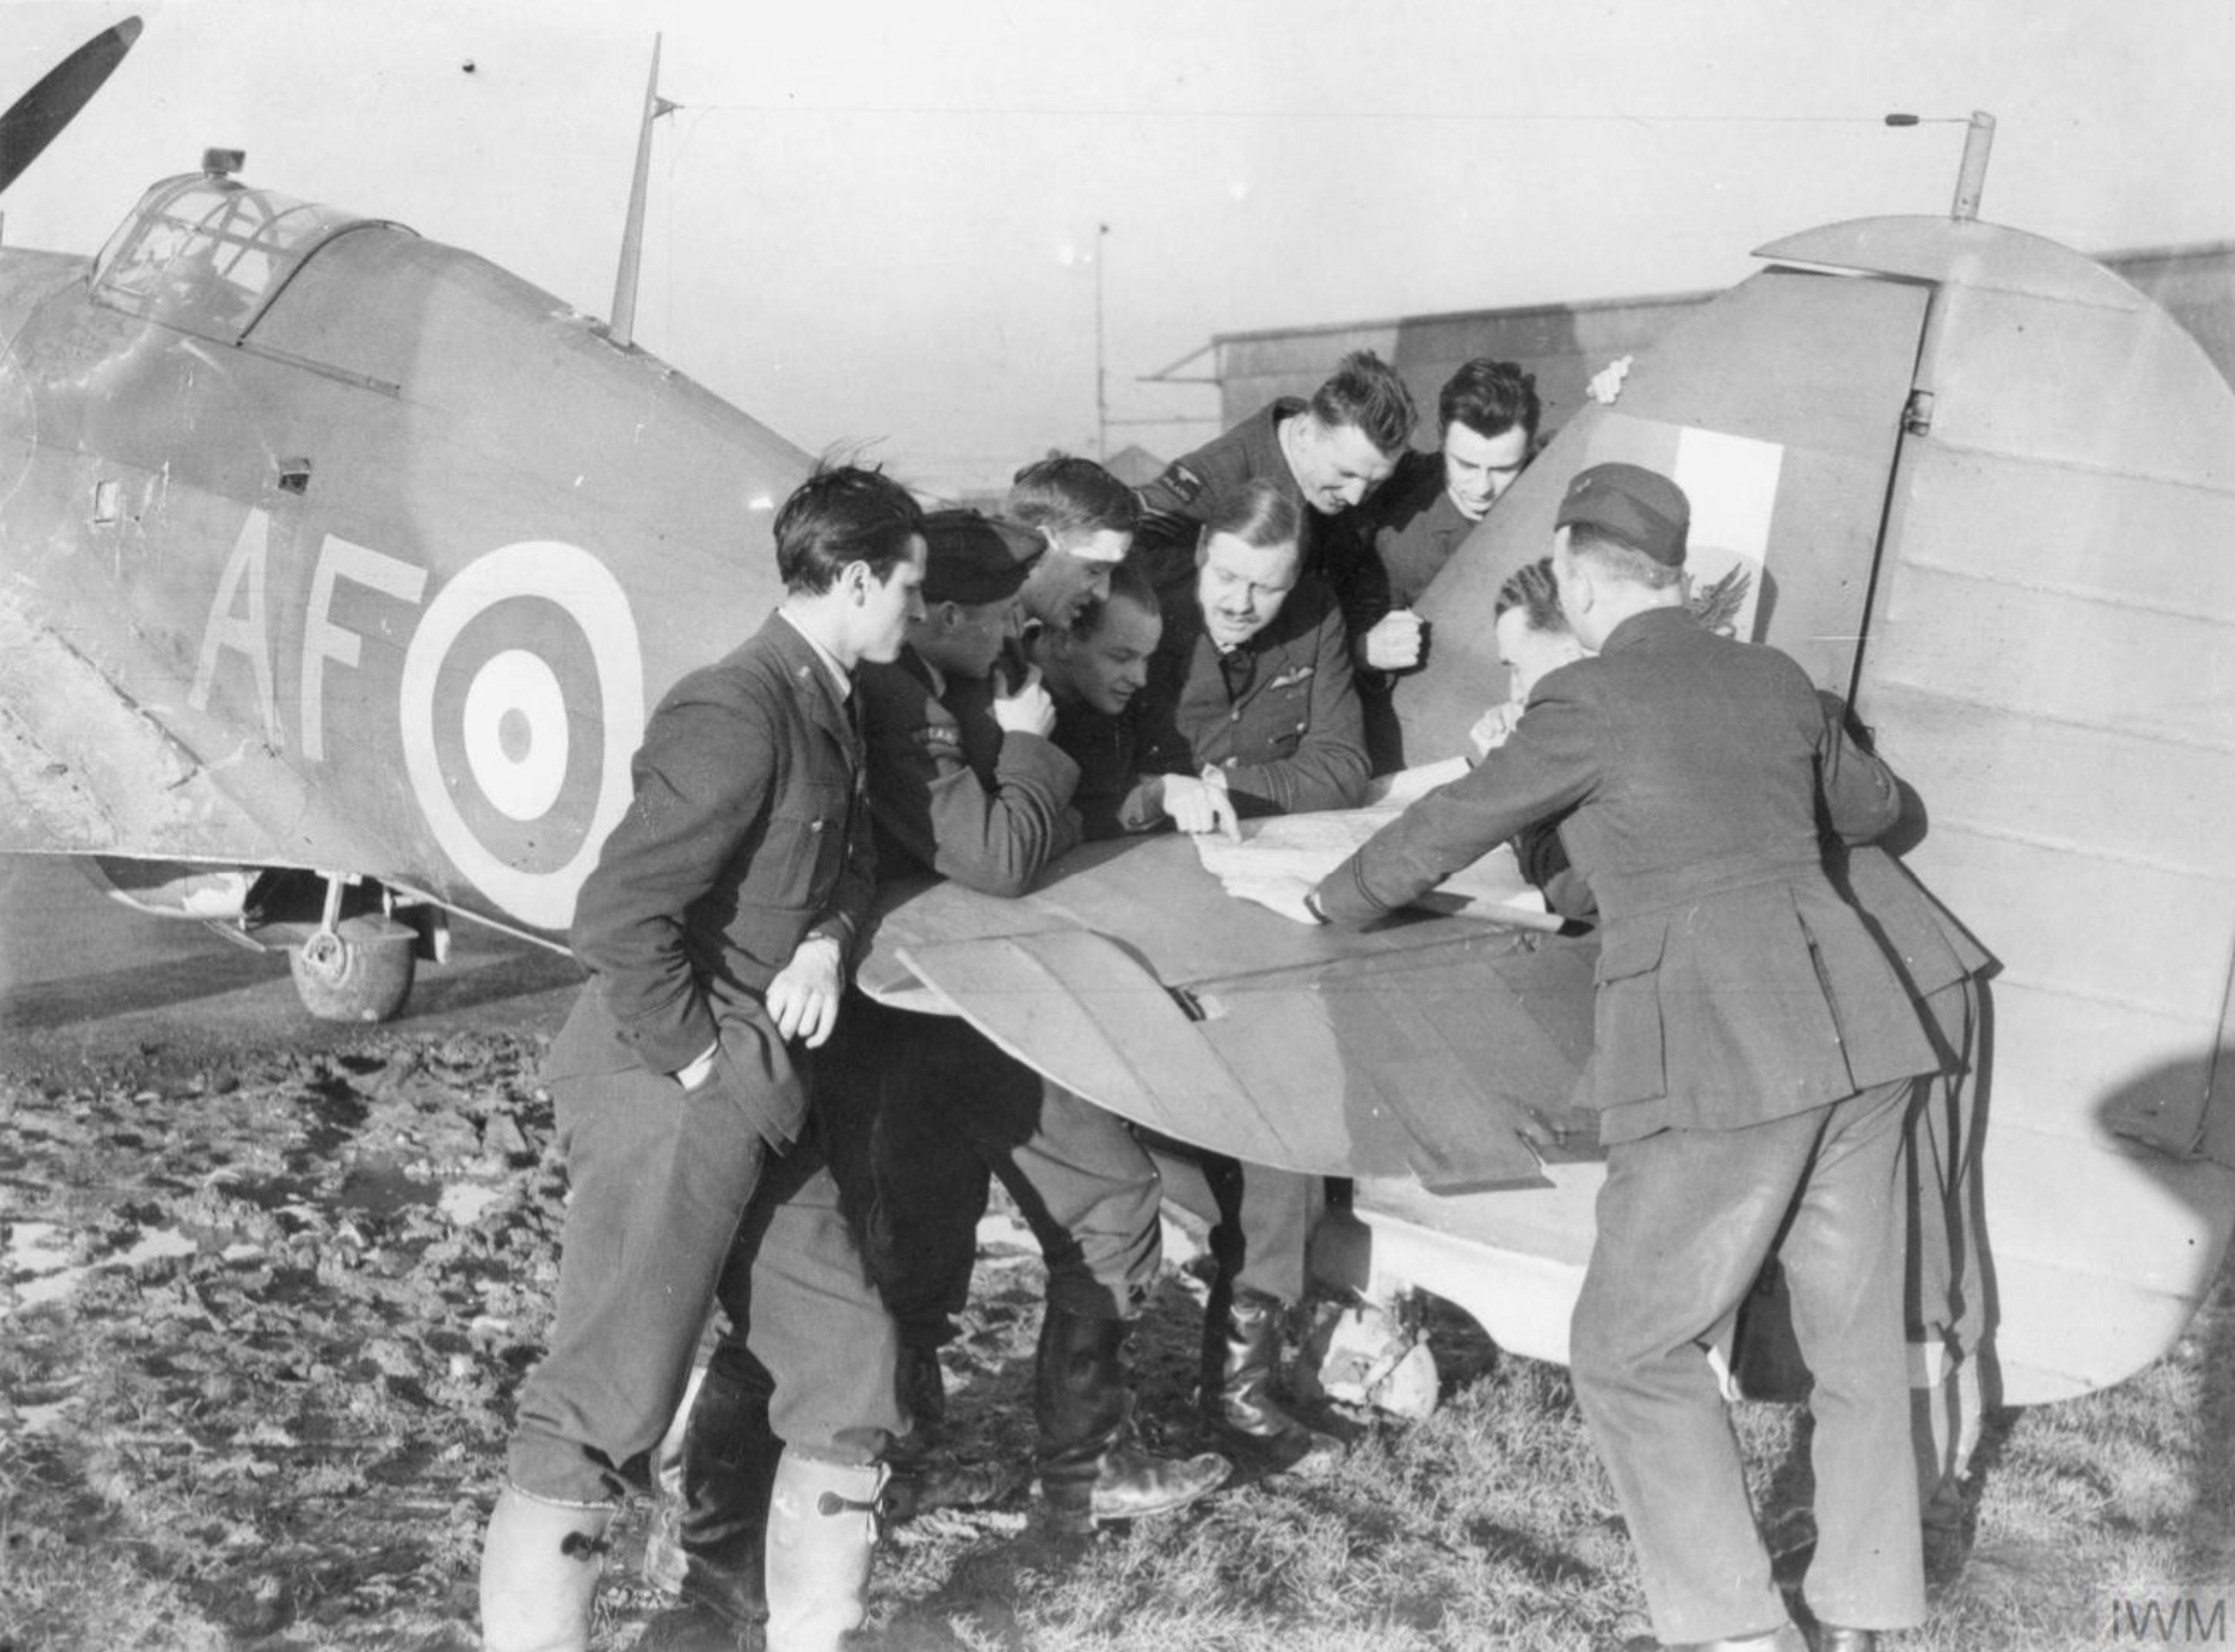 Hurricane I RAF 607Sqn AF with Polish pilots at RAF Usworth 14 Jan 1941 IWM HU92830